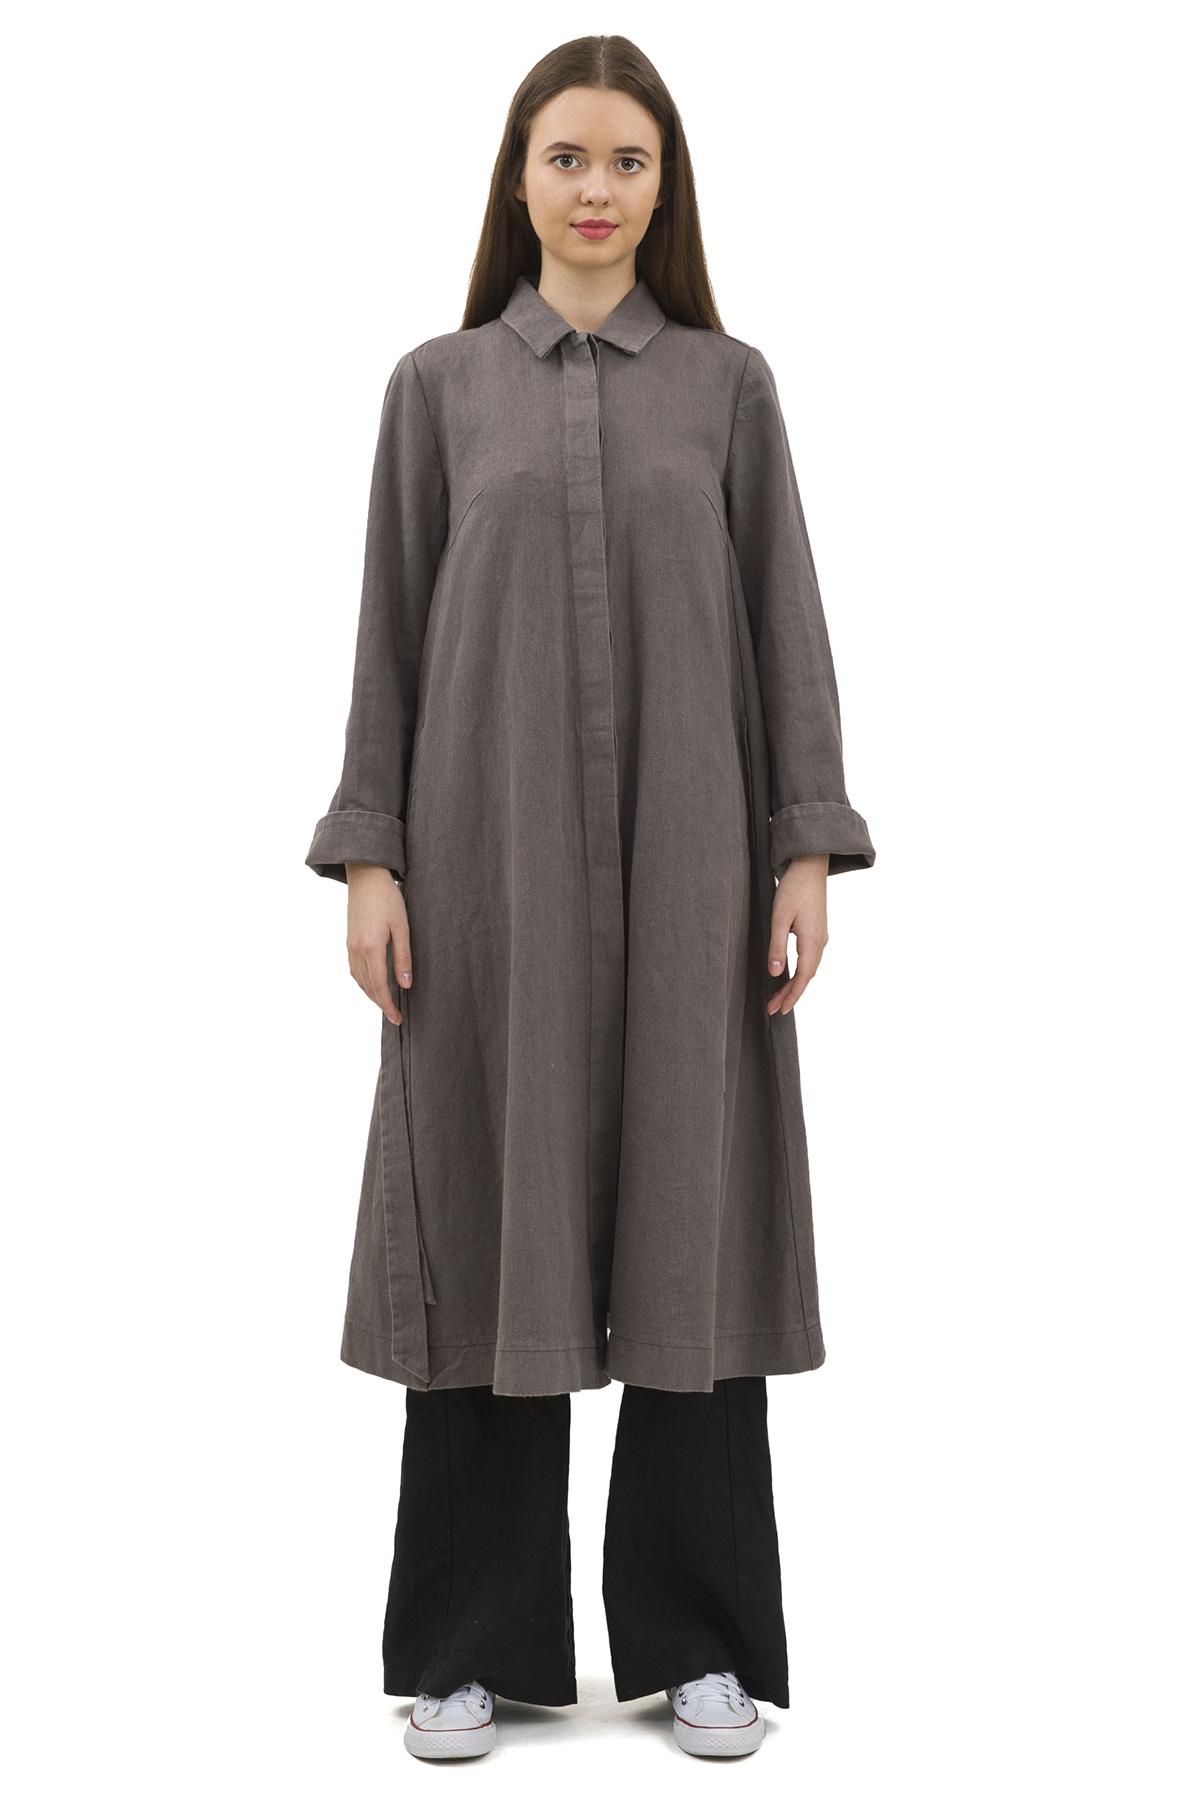 ПлащЖенские куртки, плащи, пальто<br>Женский плащ бренда Pavel Yerokin выполнен из плотного льна. Особенности: свободный силуэт, расклешенный крой, рукава с отворотом, супатная застежка, вышивка логотипа бренда.<br><br>Цвет: серый<br>Состав: Лен - 75%, Хлопок - 25%<br>Размер: 40,42,44,46,48<br>Страна дизайна: Россия<br>Страна производства: Россия